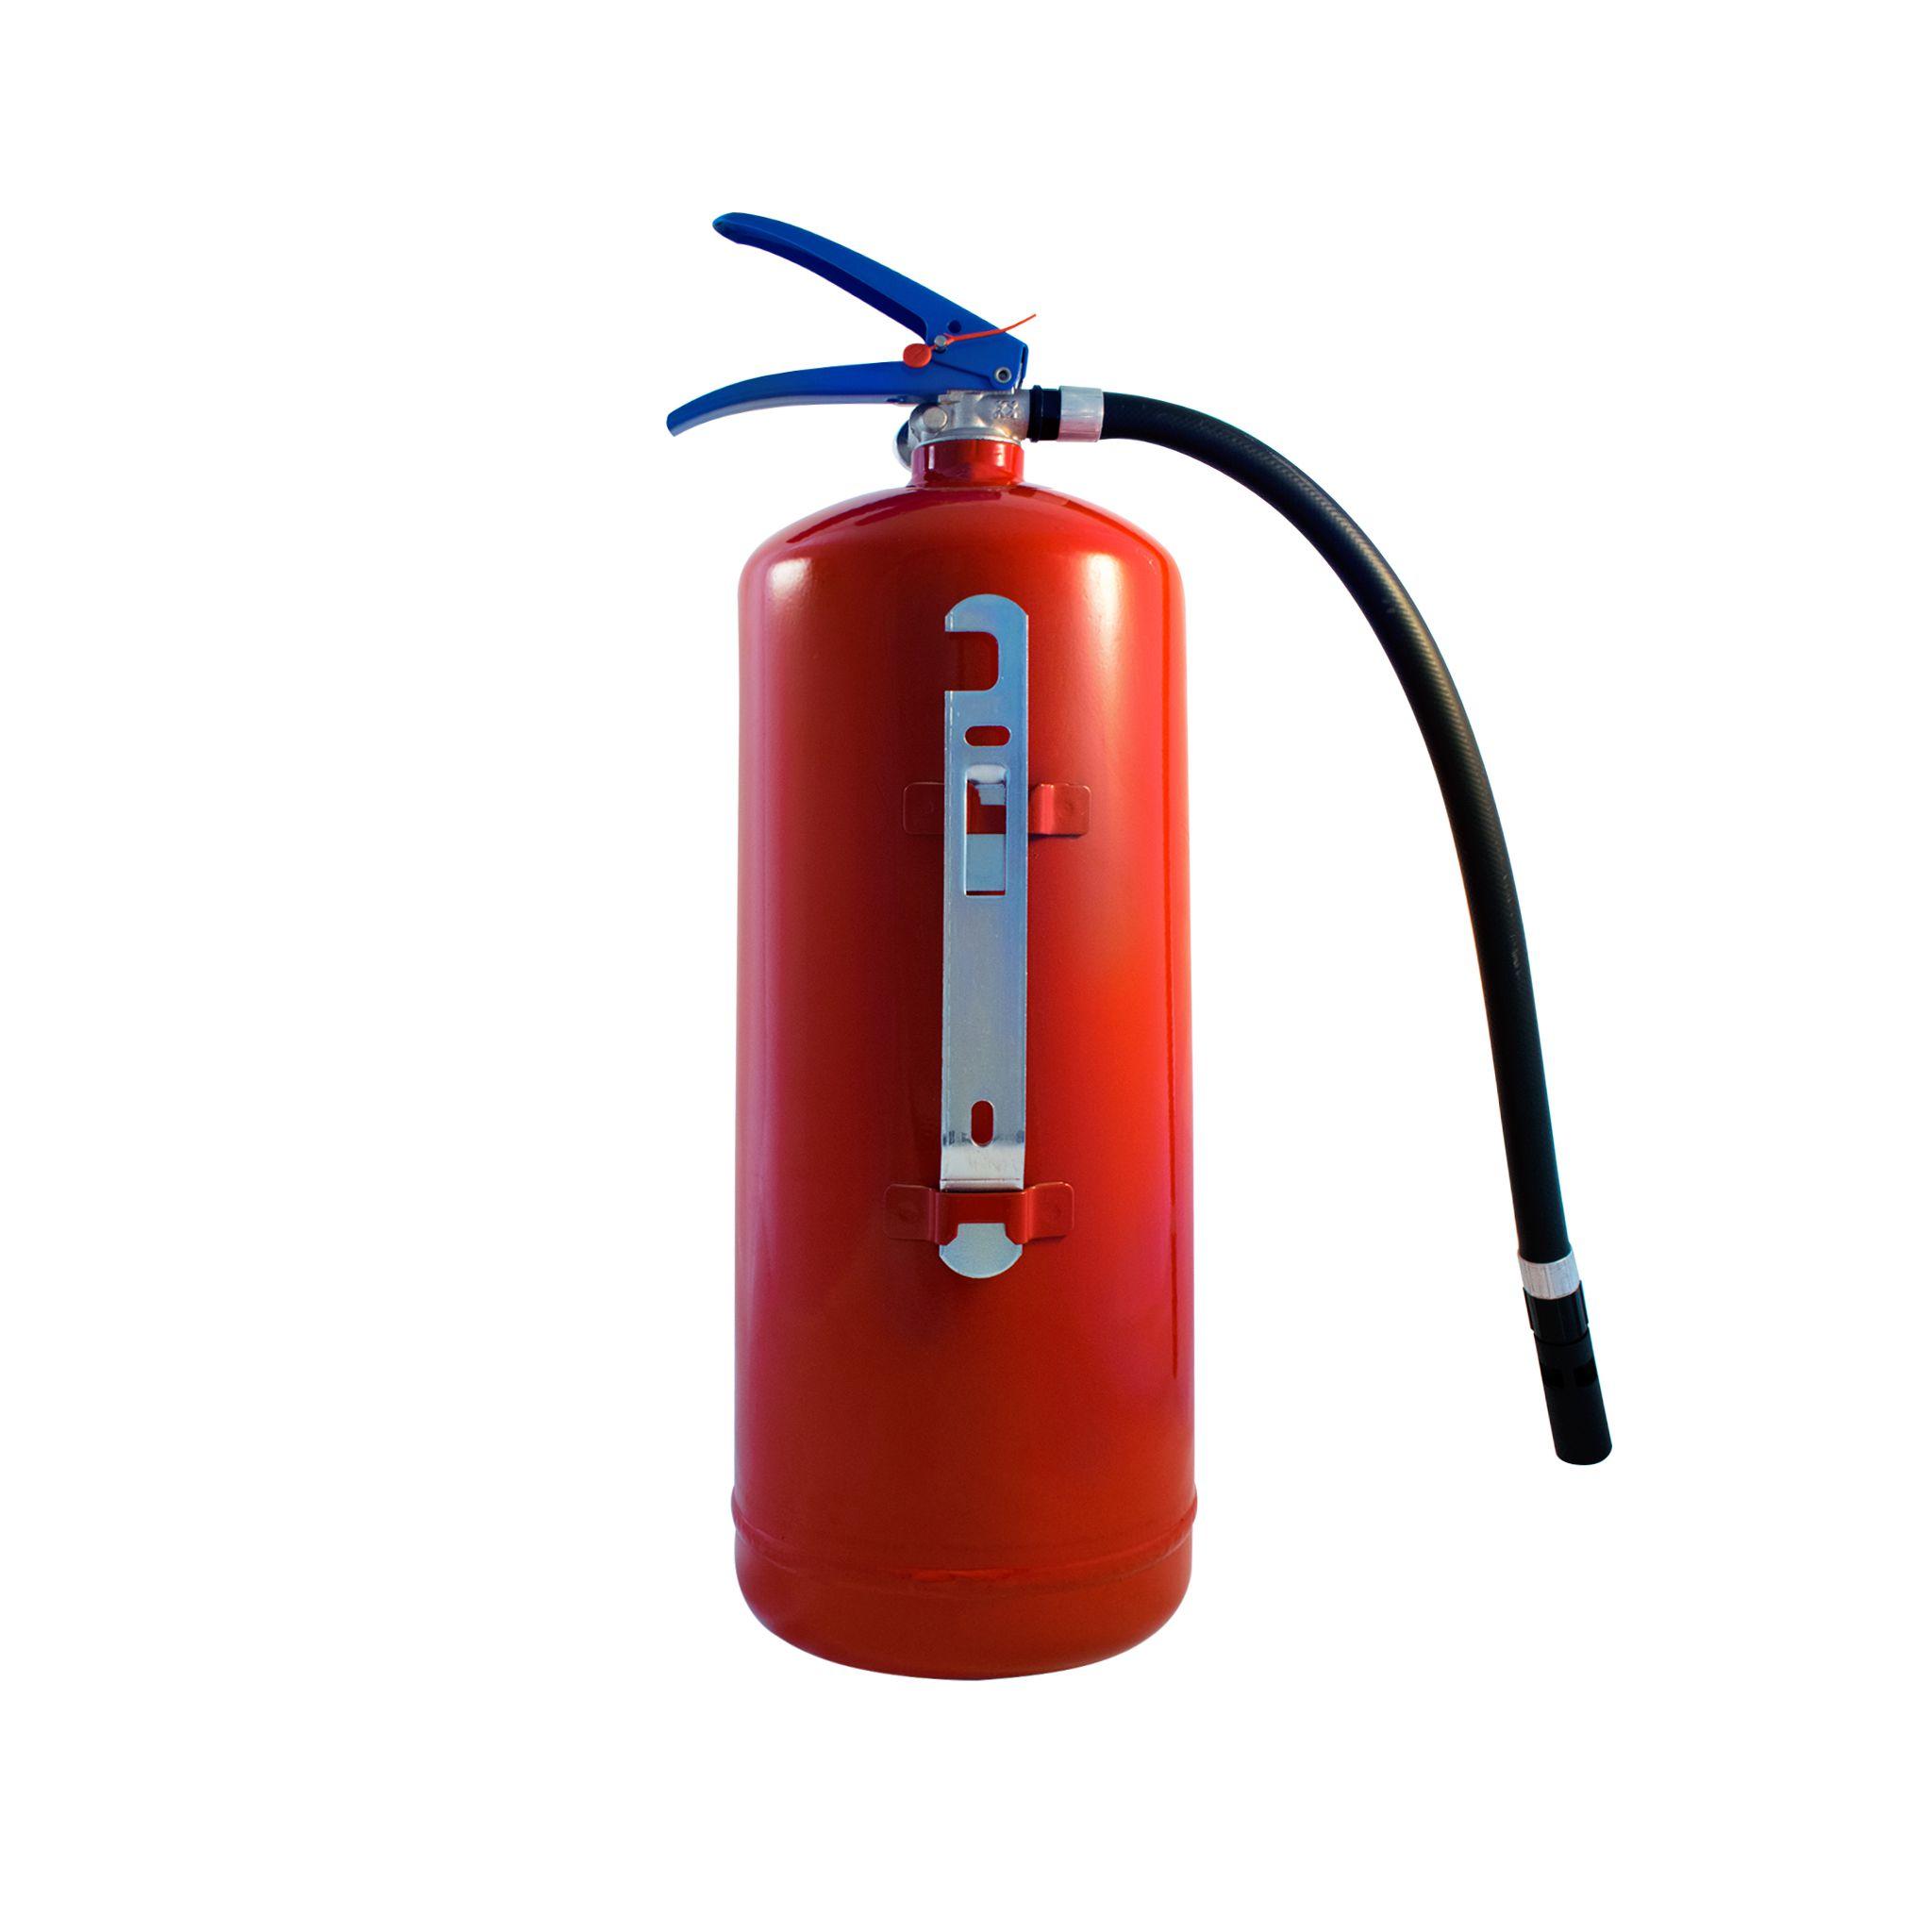 Sarkans ūdens putu ugunsdzēsības aparāts